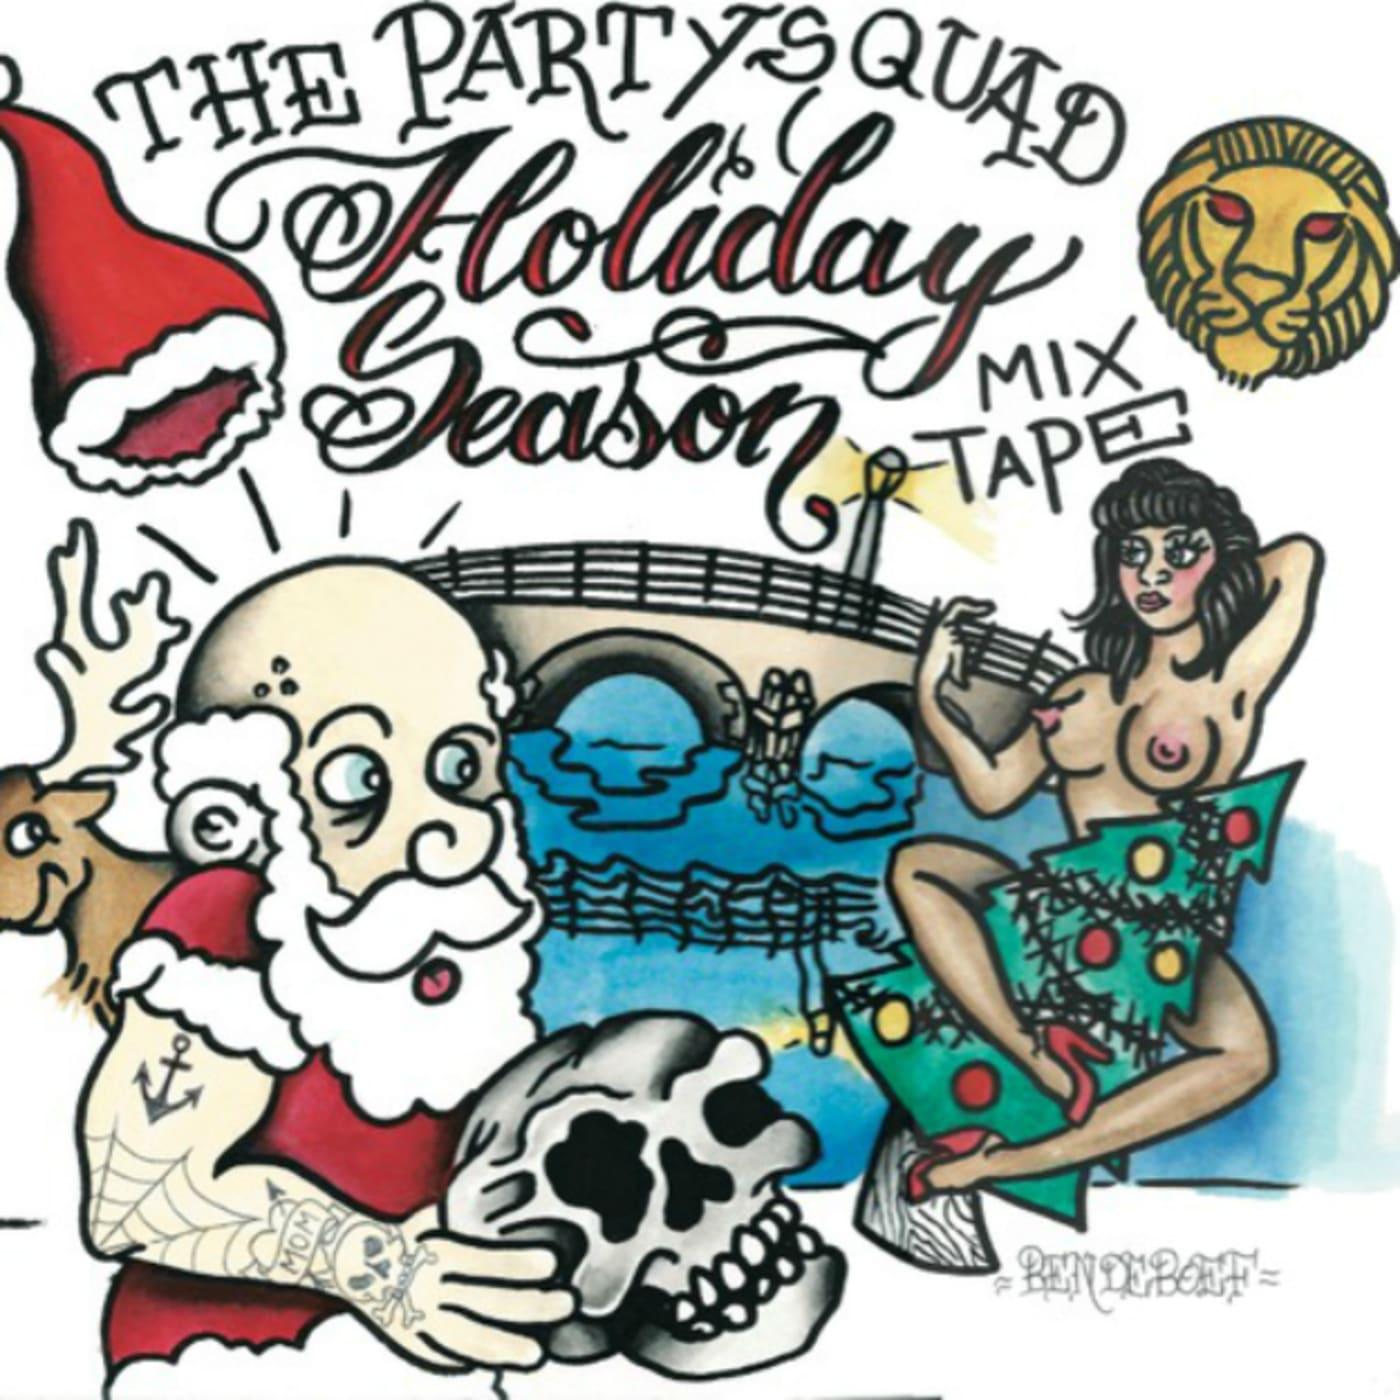 partysquad holiday season